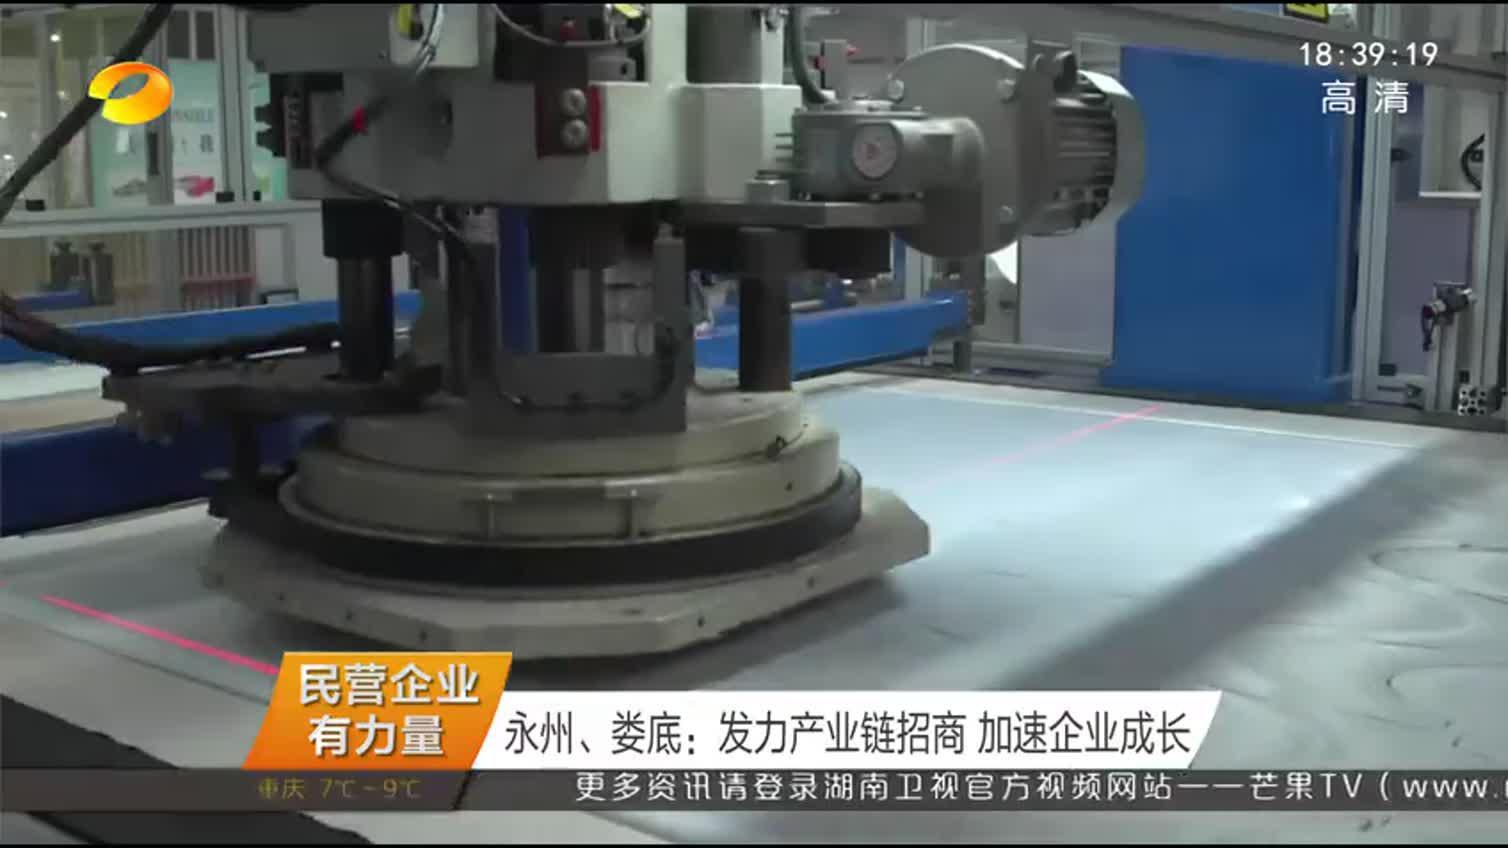 (民营企业有力量)永州、娄底:发力产业链招商 加速企业成长